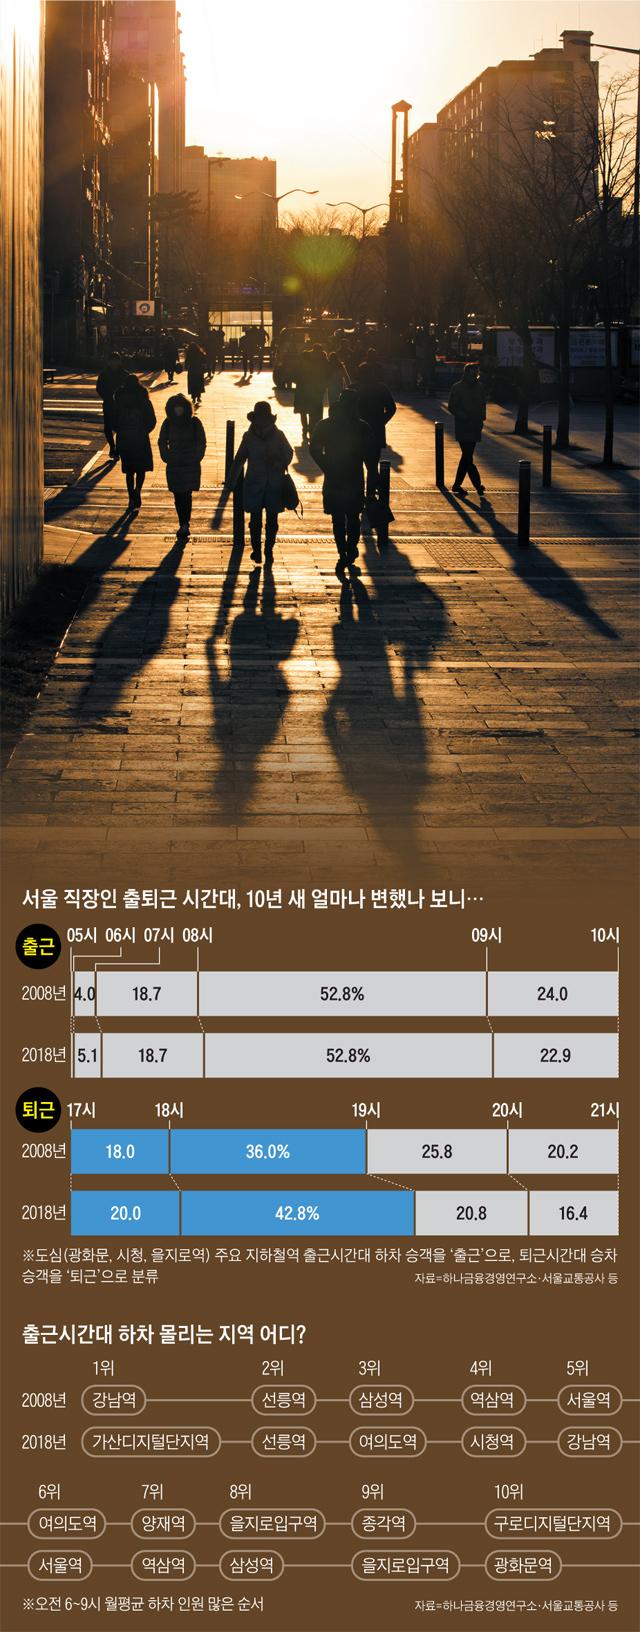 서울 직장인 출퇴근 시간대 통계